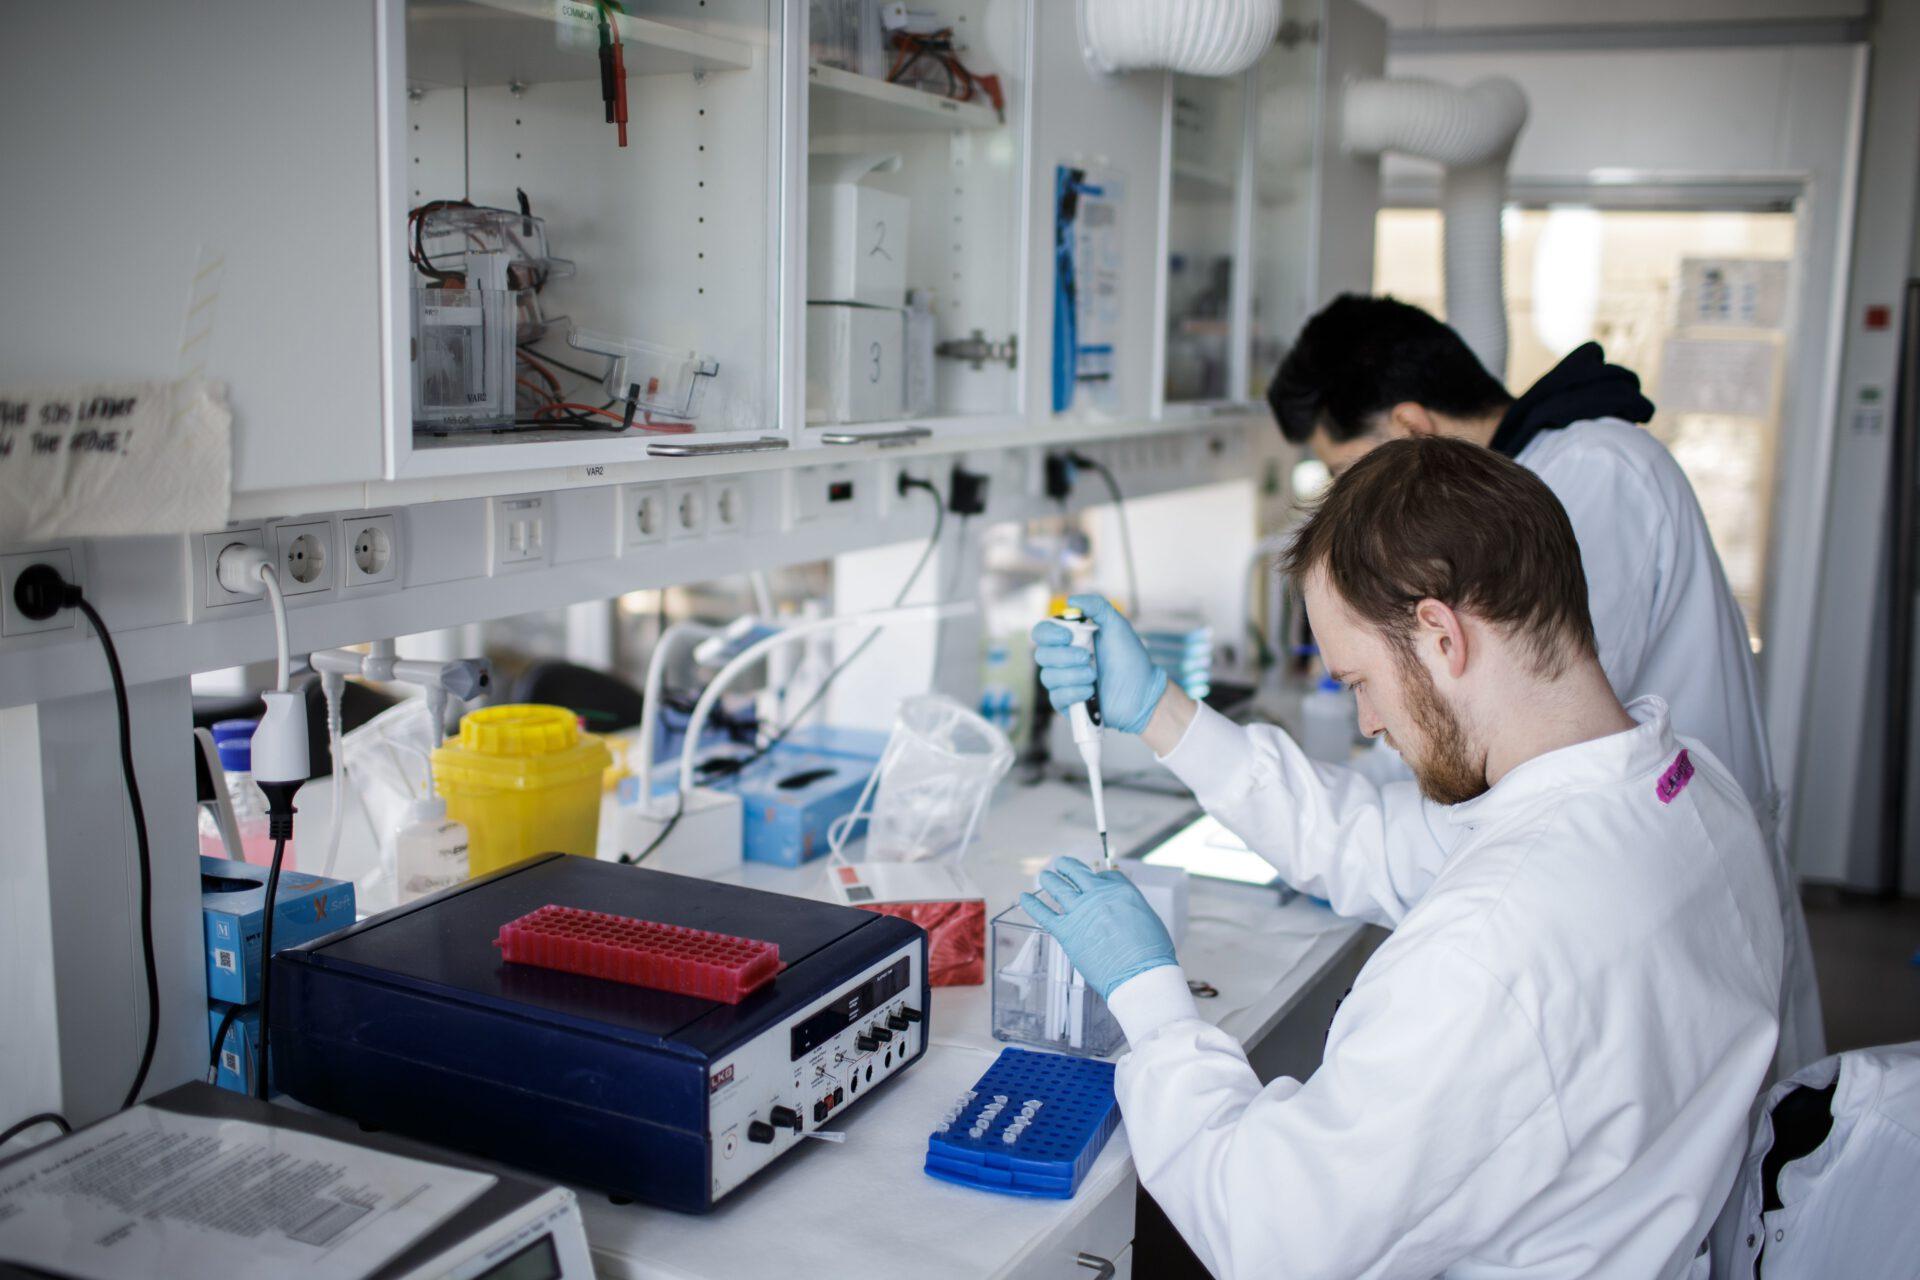 Cine sunt primele persoane care se vor vaccina împotriva coronavirus